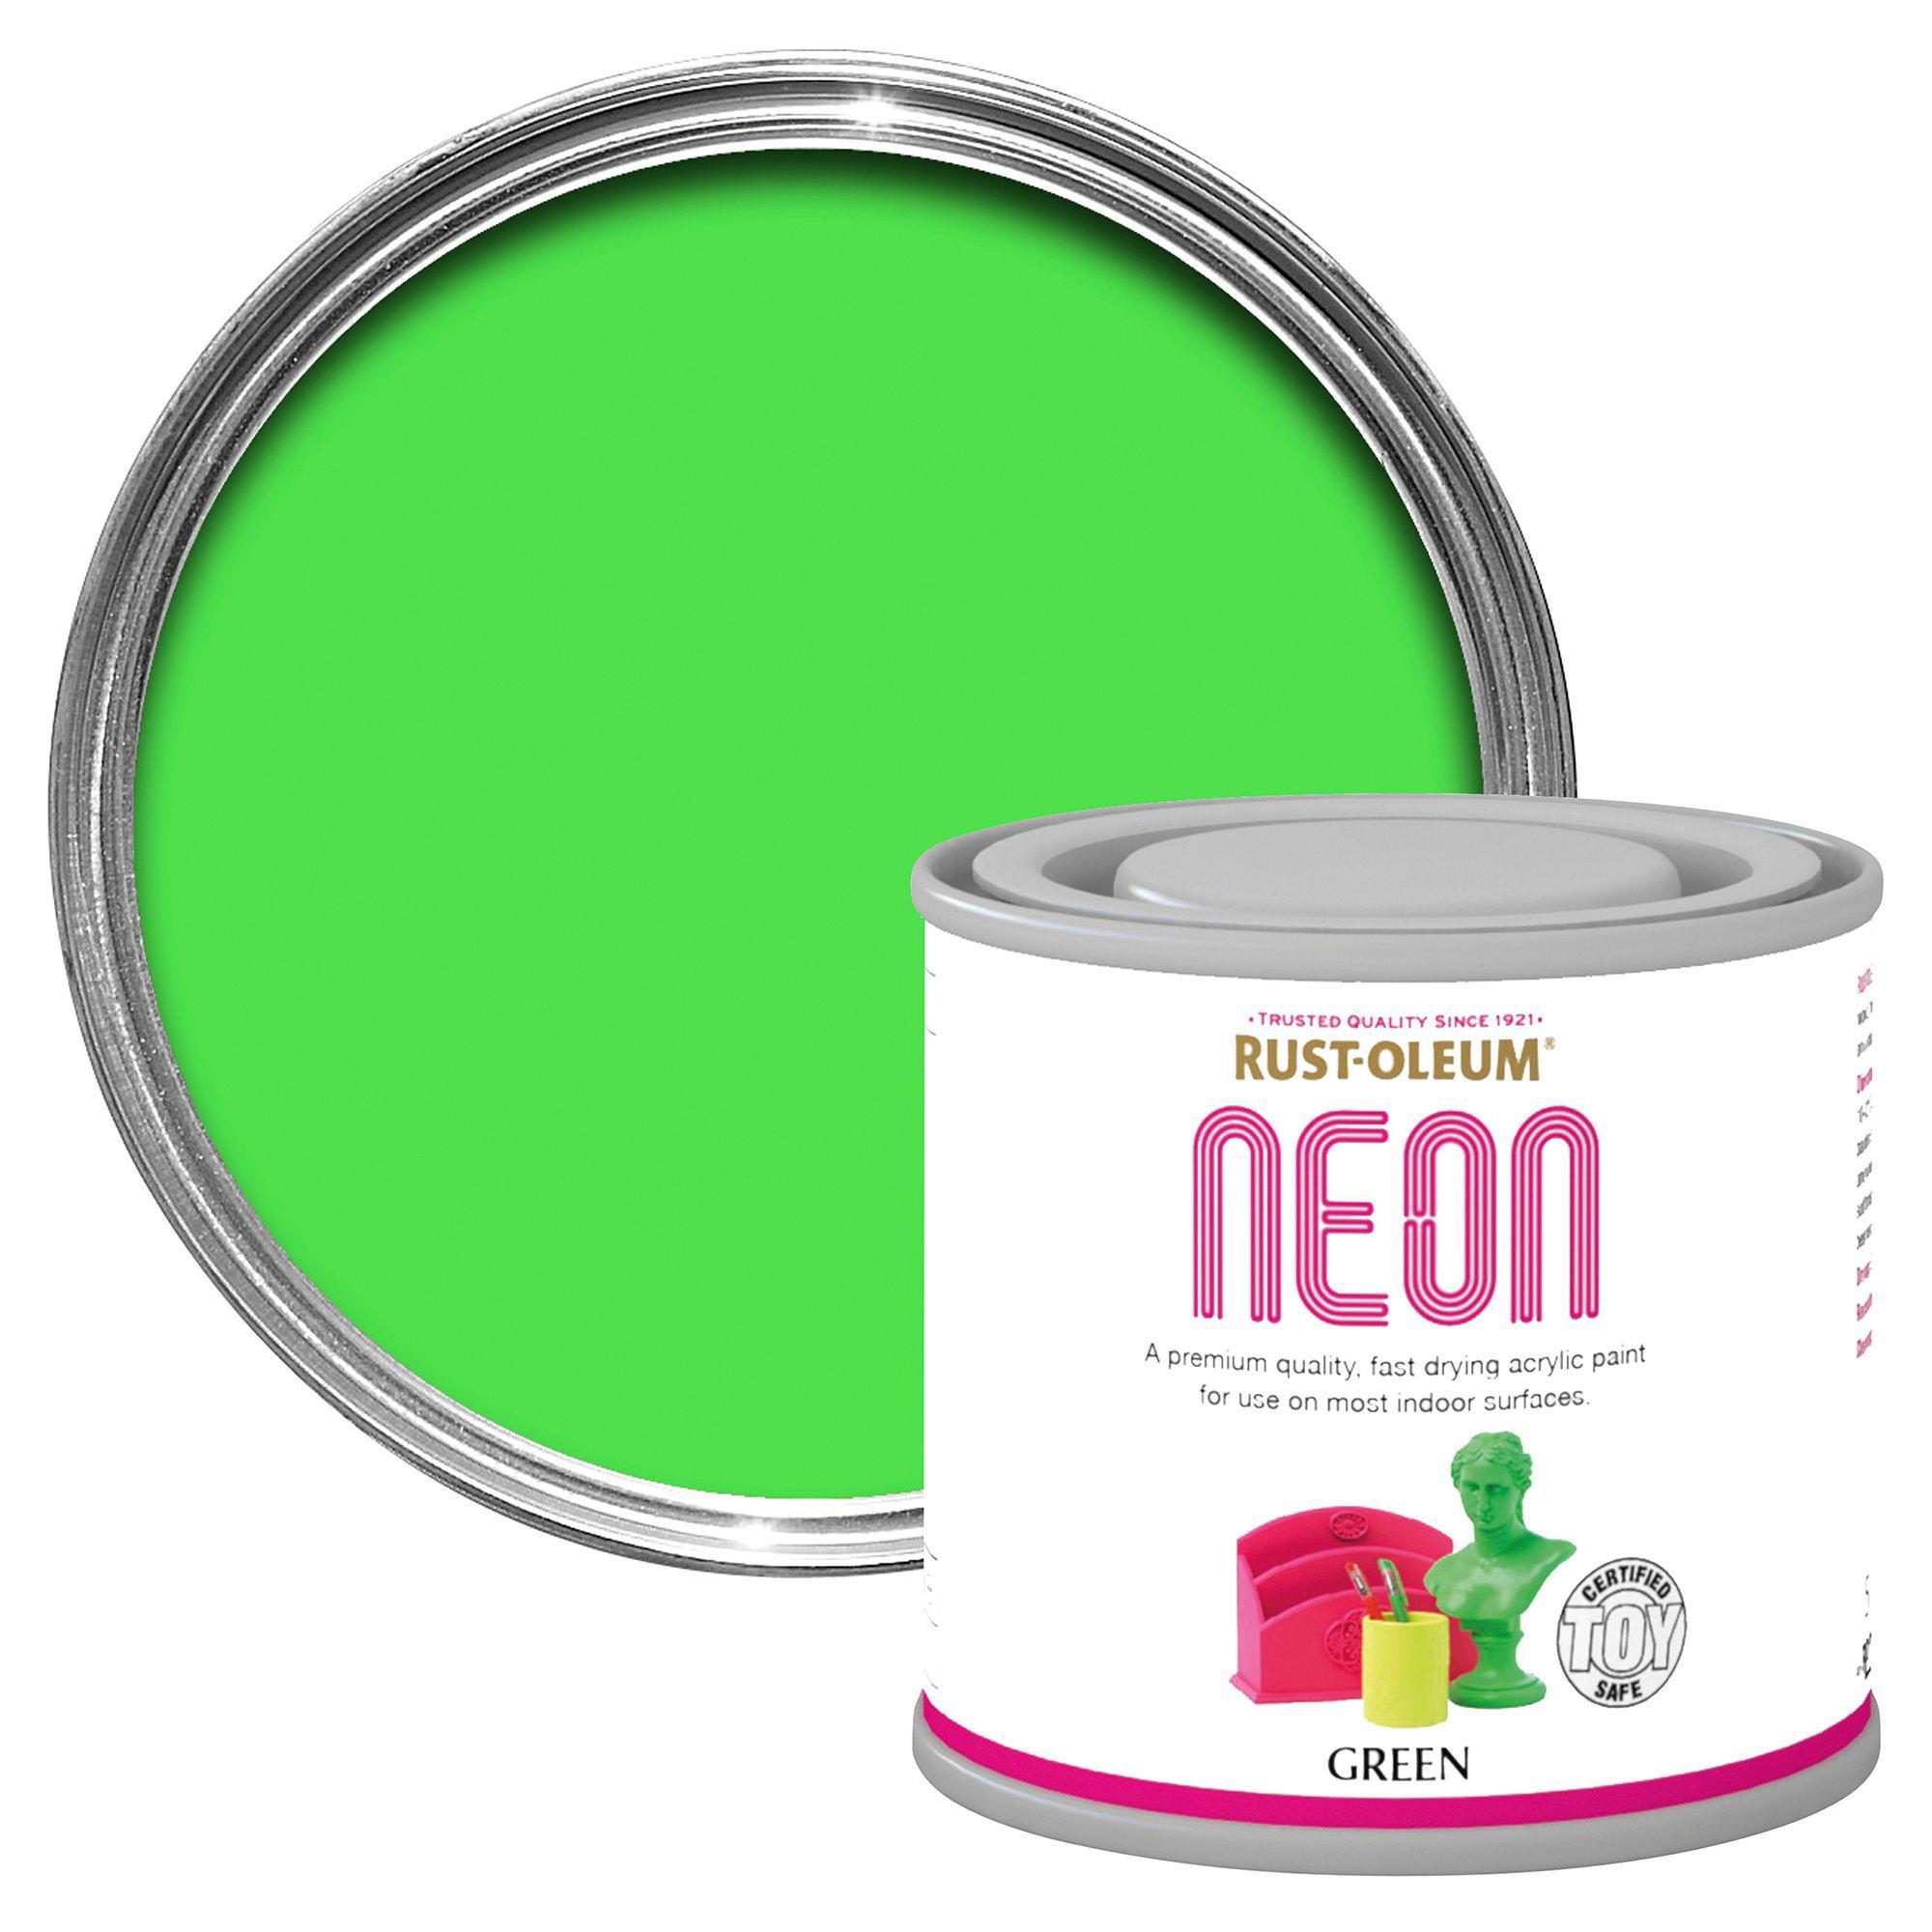 Rust-Oleum Green Neon Paint 125ml